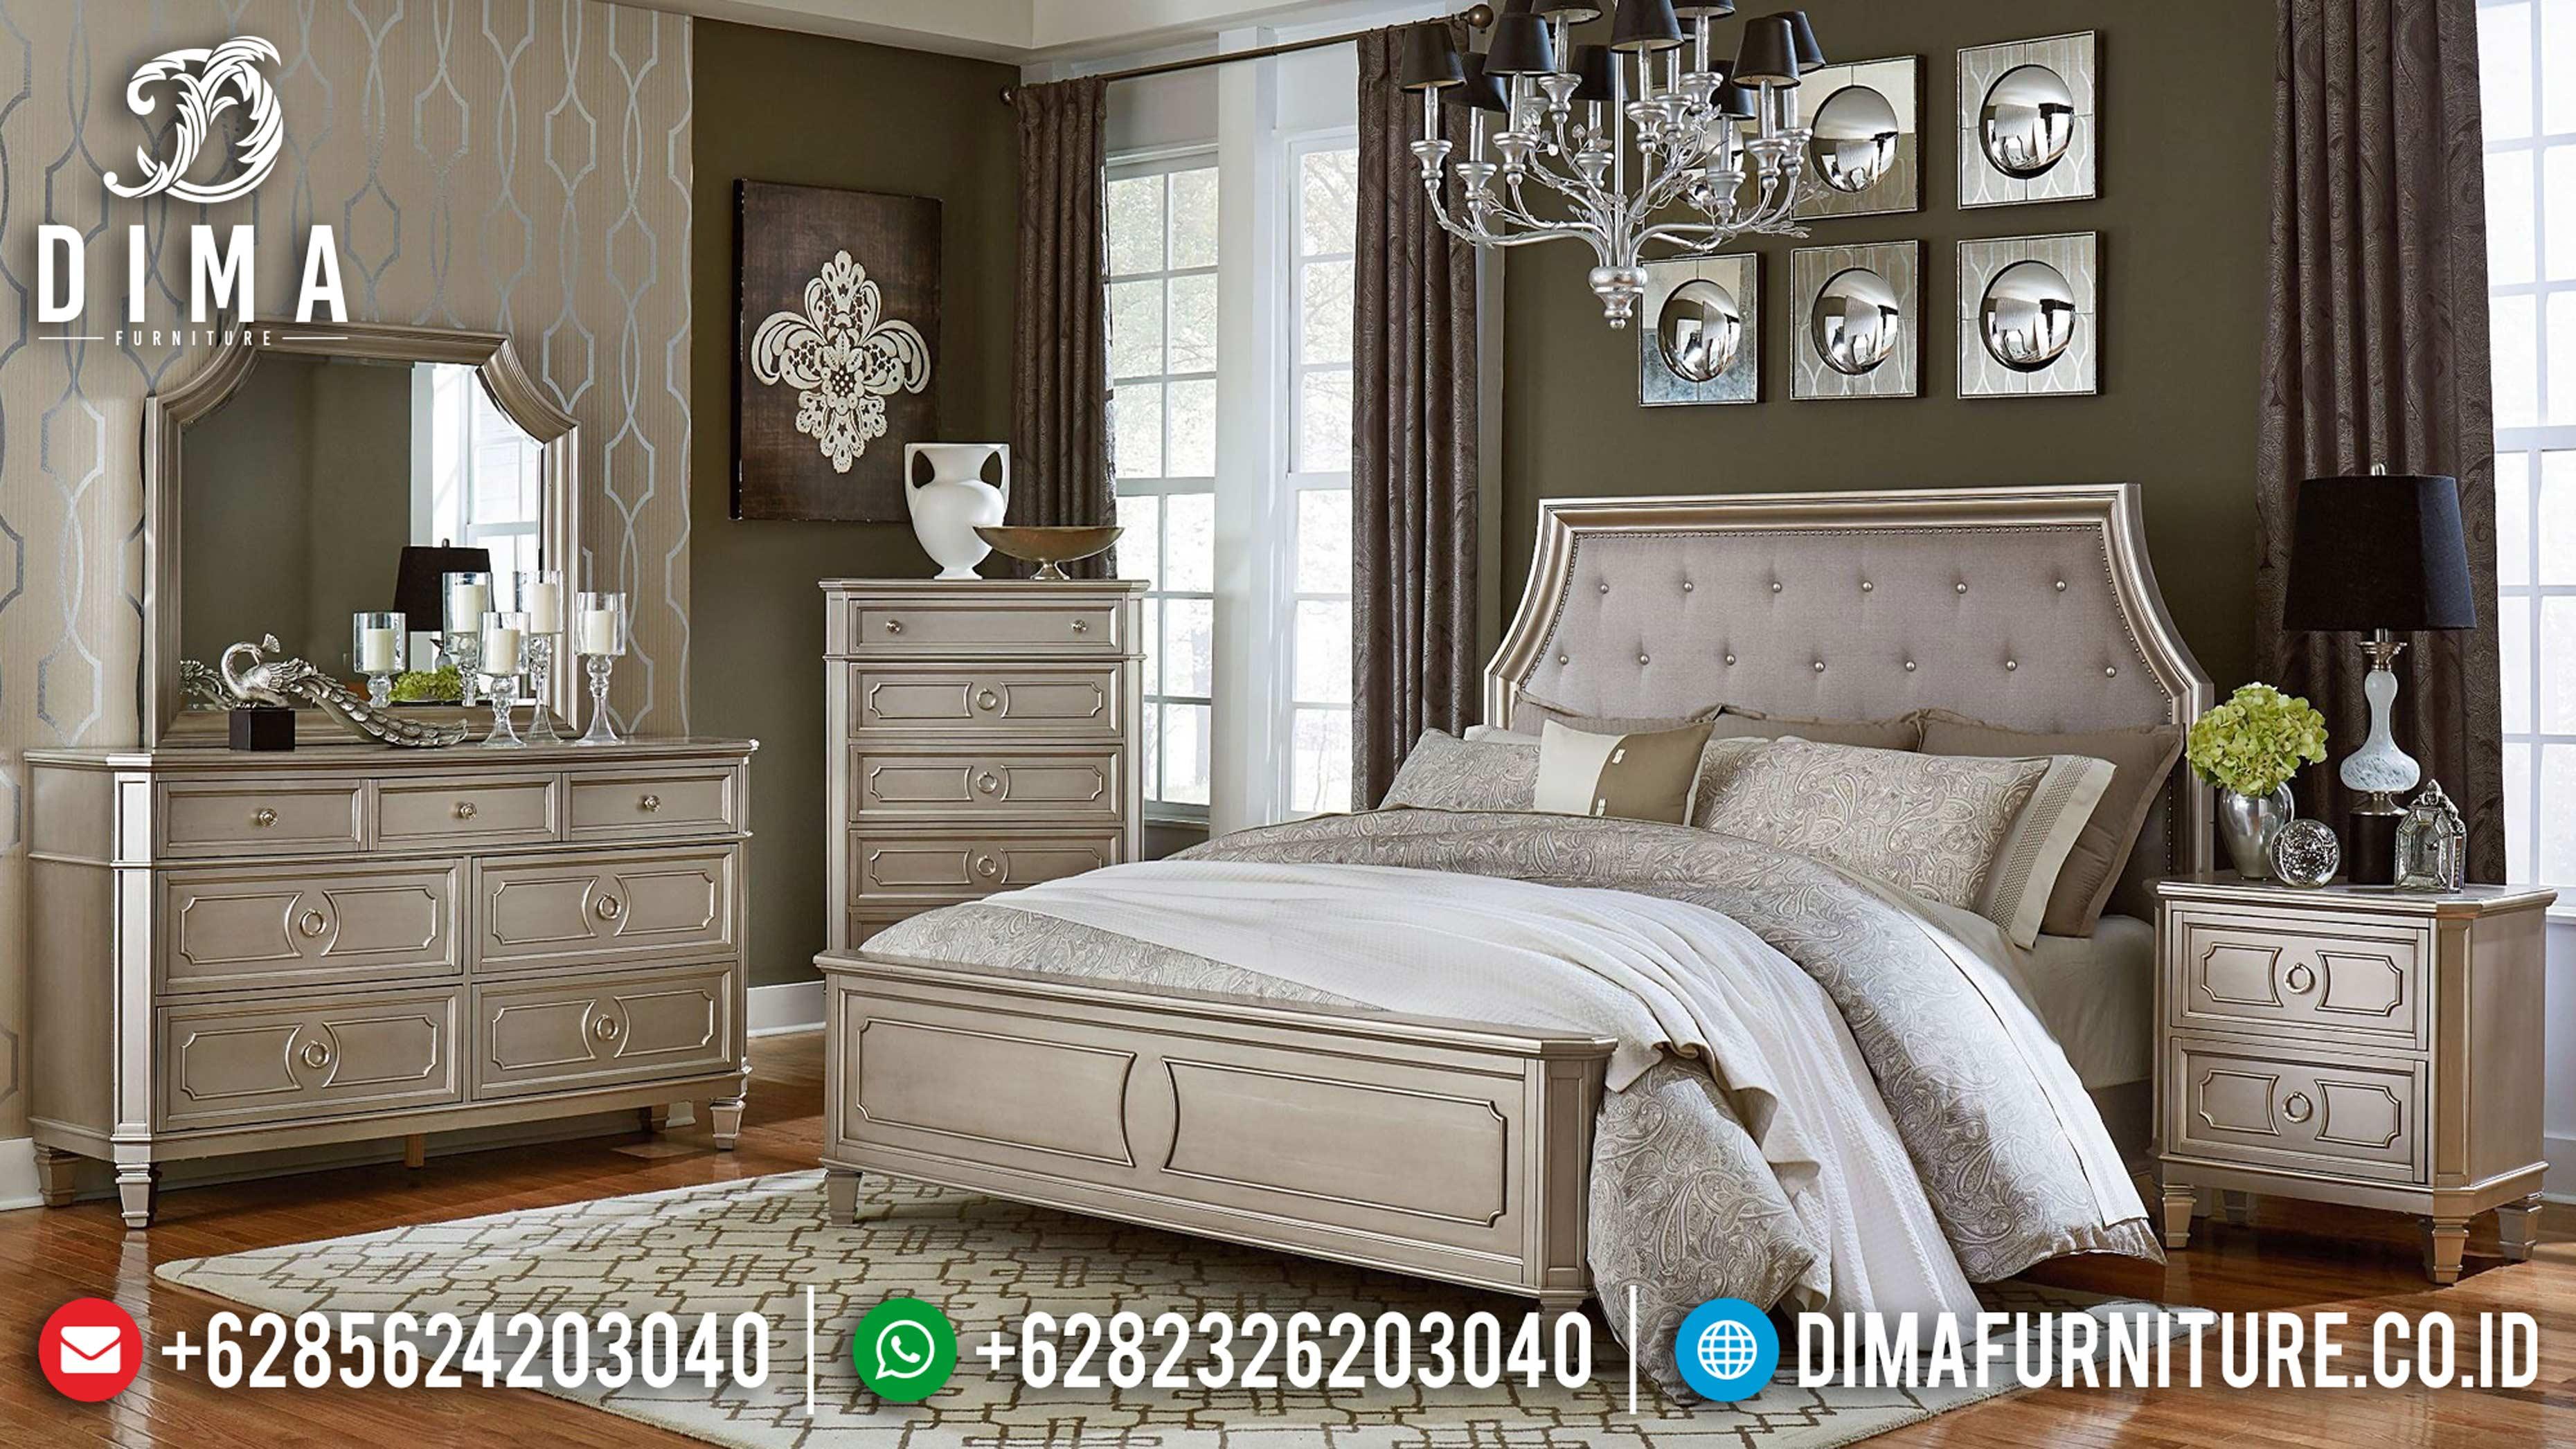 20+ Tempat Tidur Jepara Mewah Dan Minimalis Pilihan Tahun 2019 015 Dima Furniture Jepara